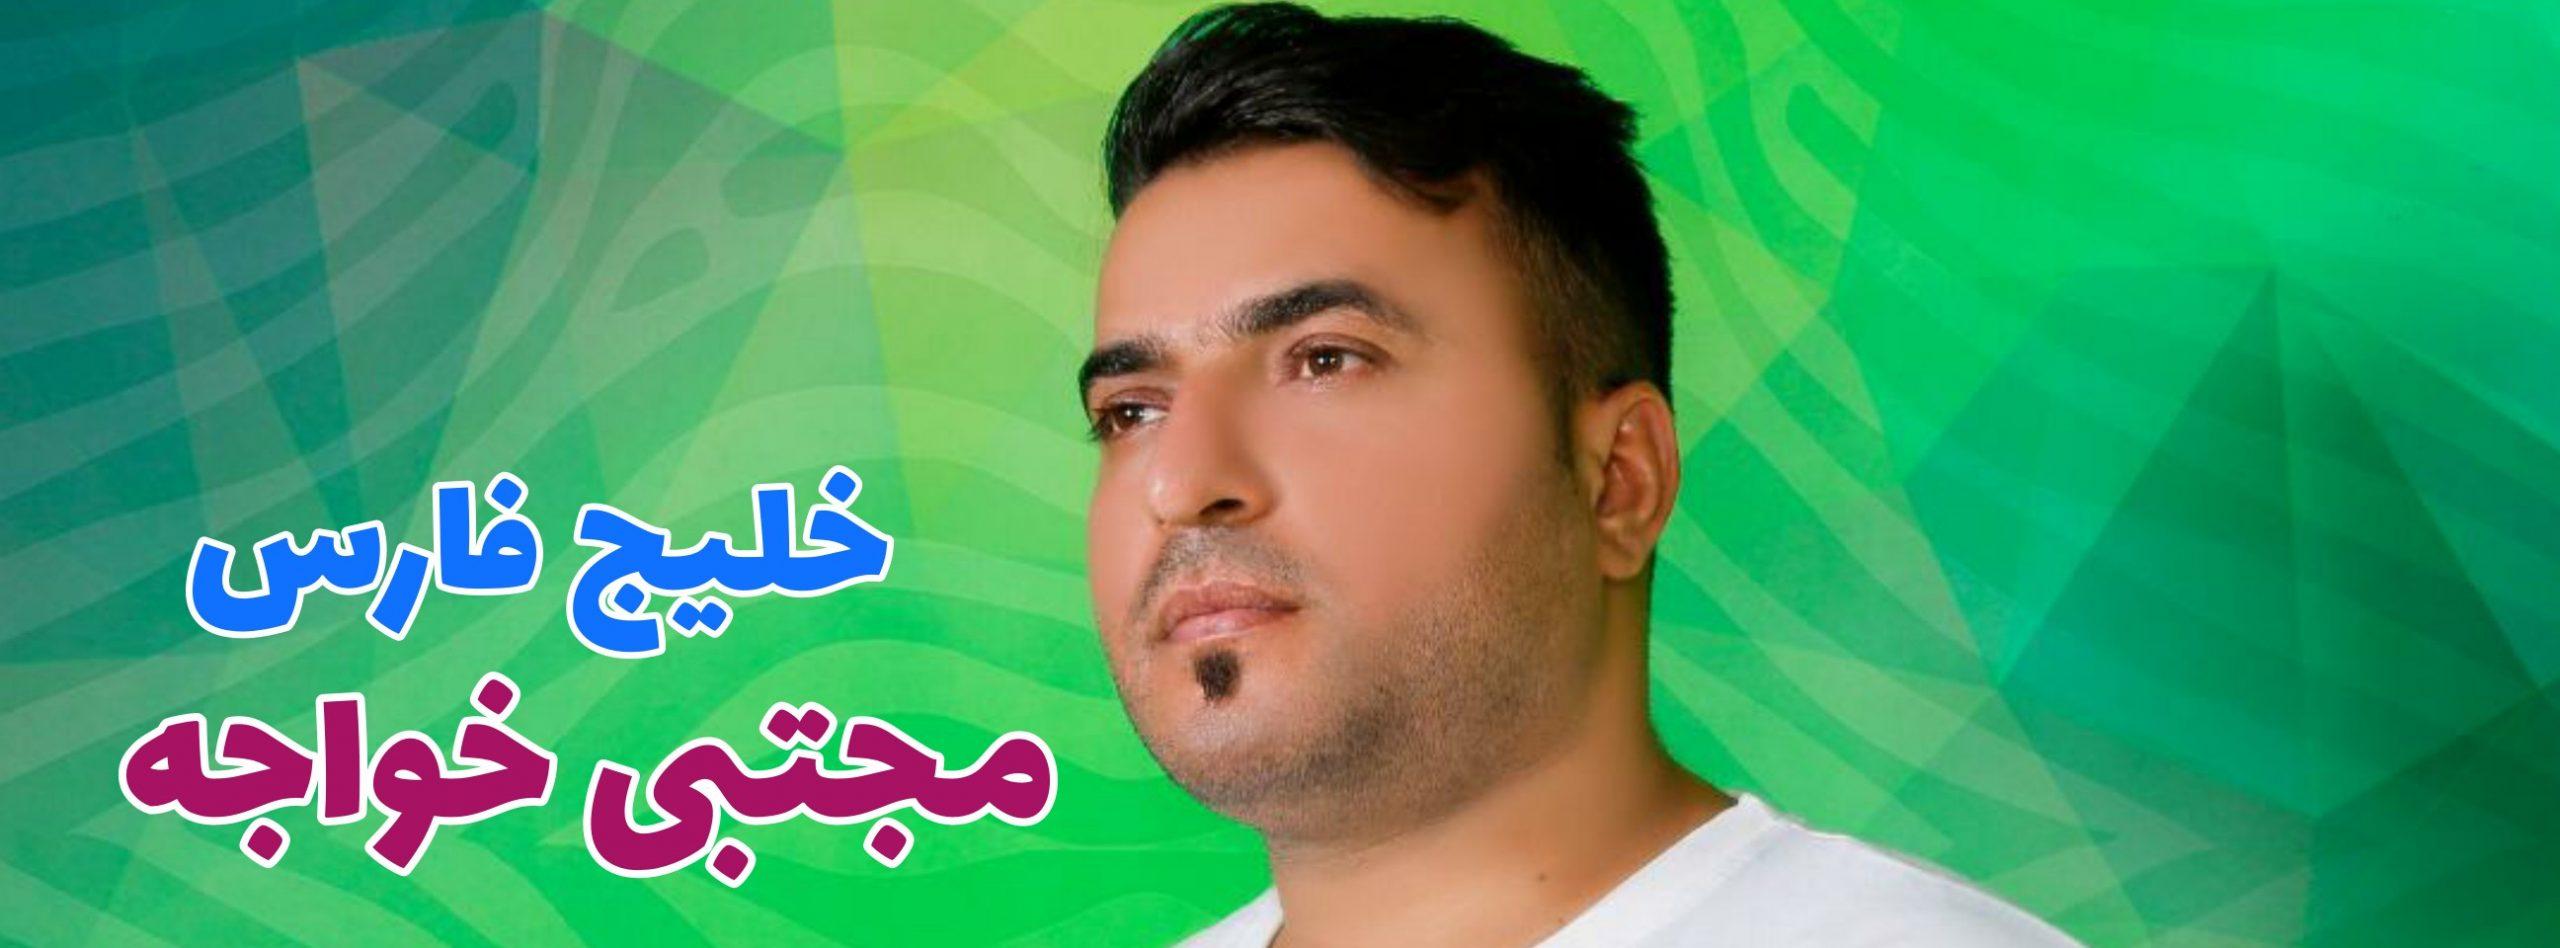 مجتبی خواجه